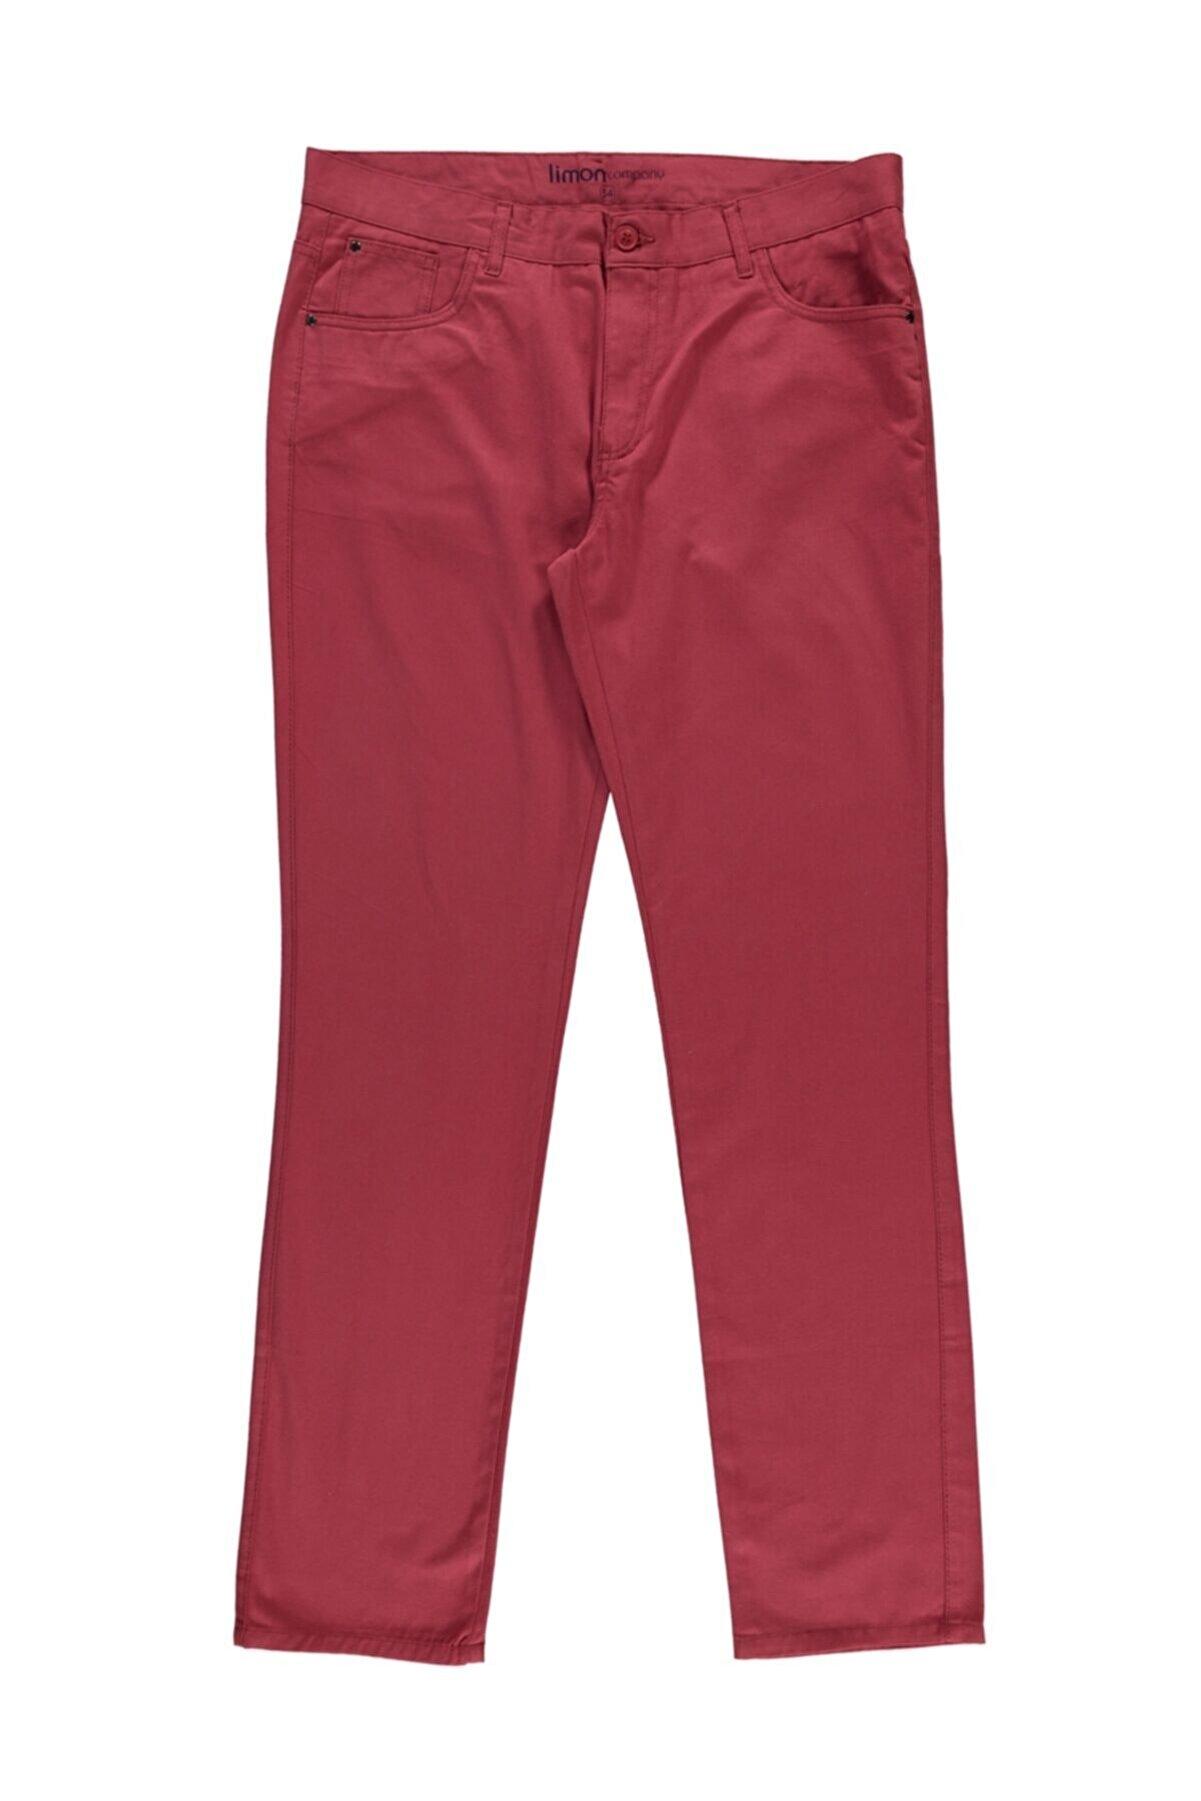 LİMON COMPANY Erkek Pantolon